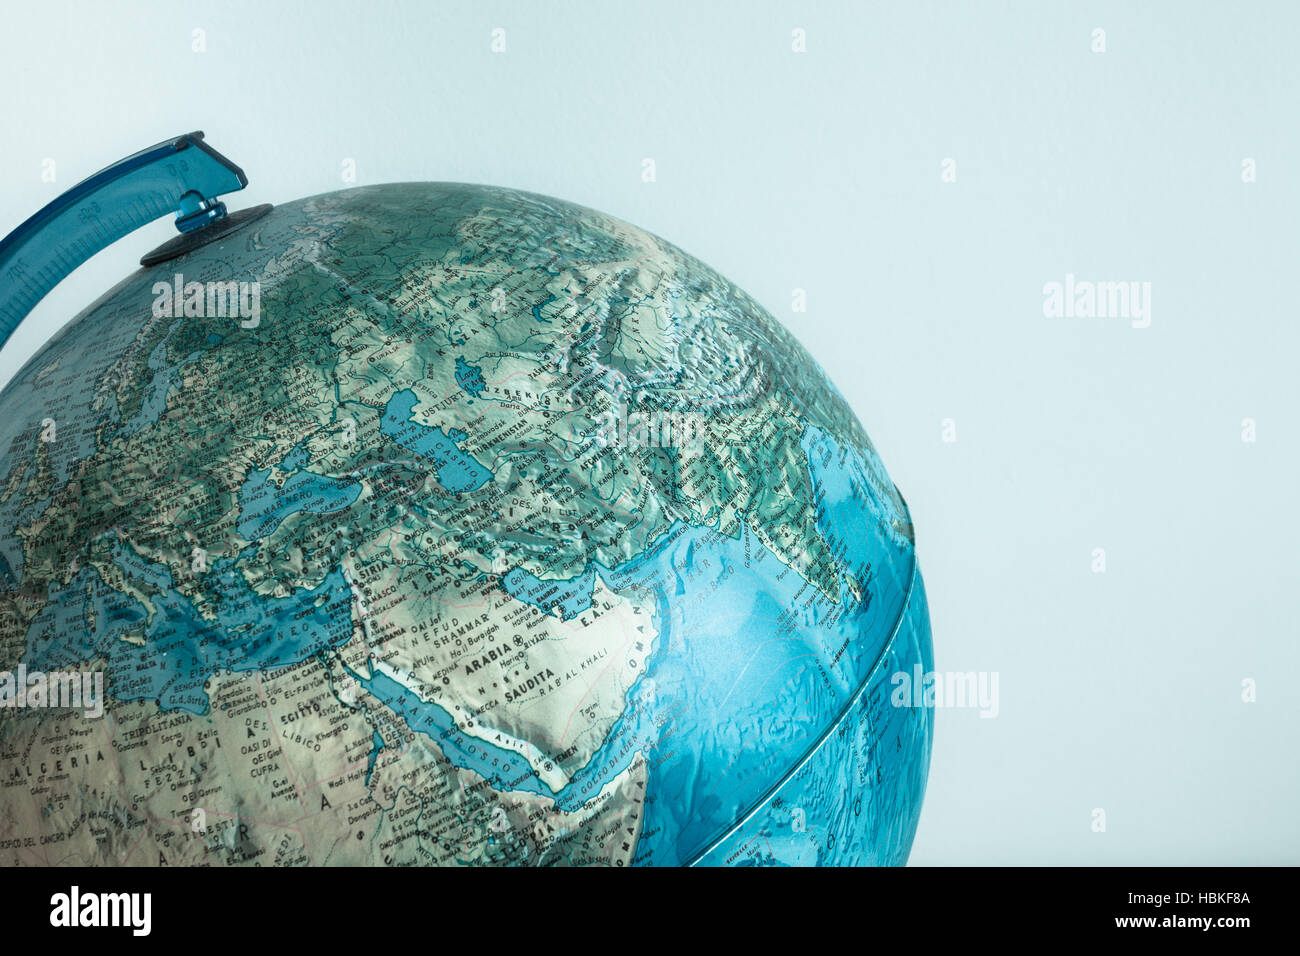 Globo Con Cartina Fisica Su Di Esso Foto Immagine Stock 127662874